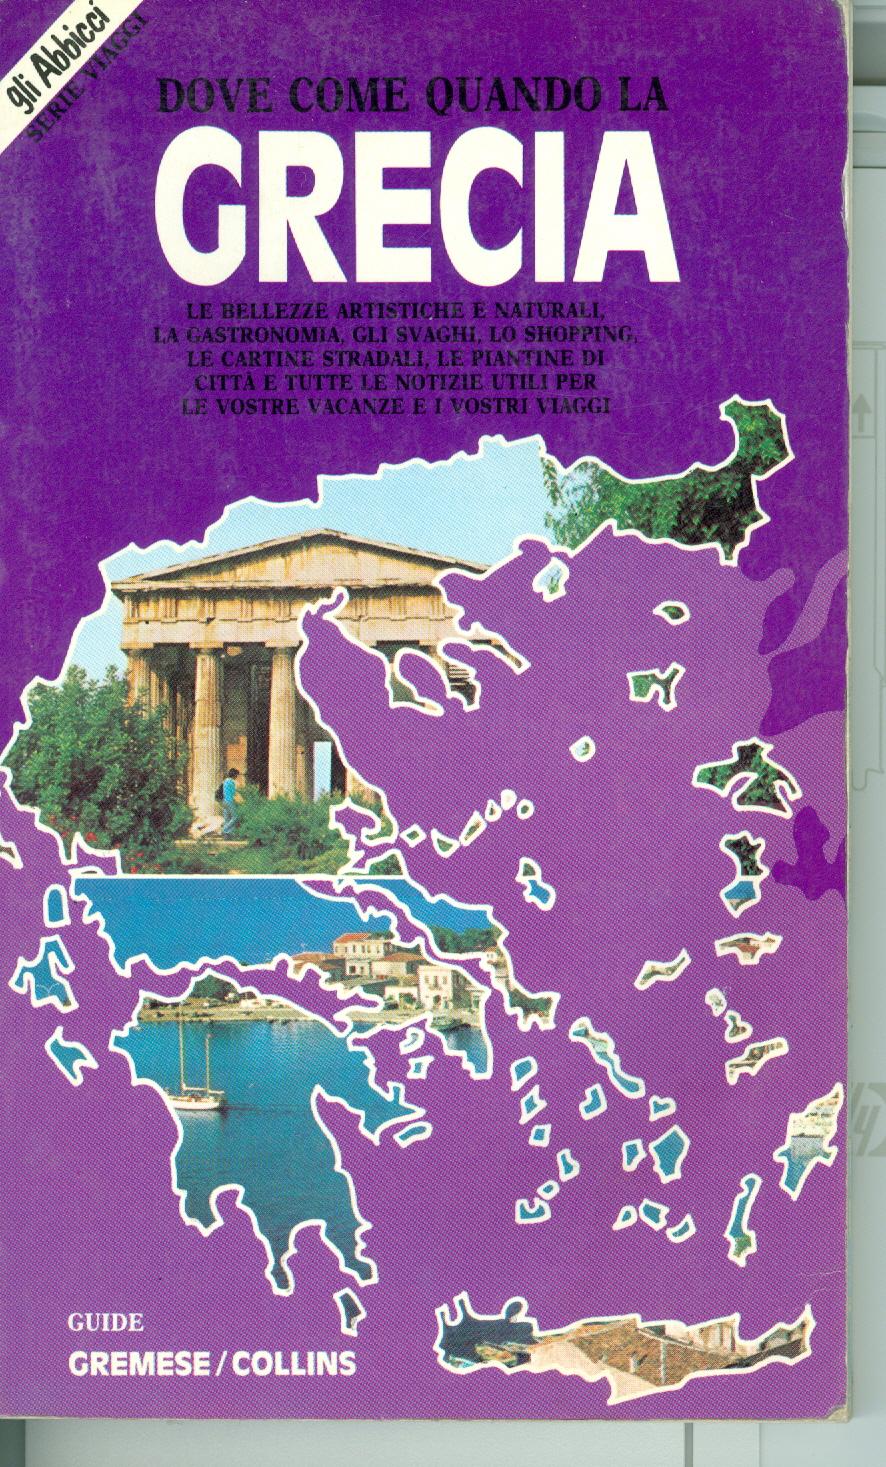 Dove come quando la Grecia